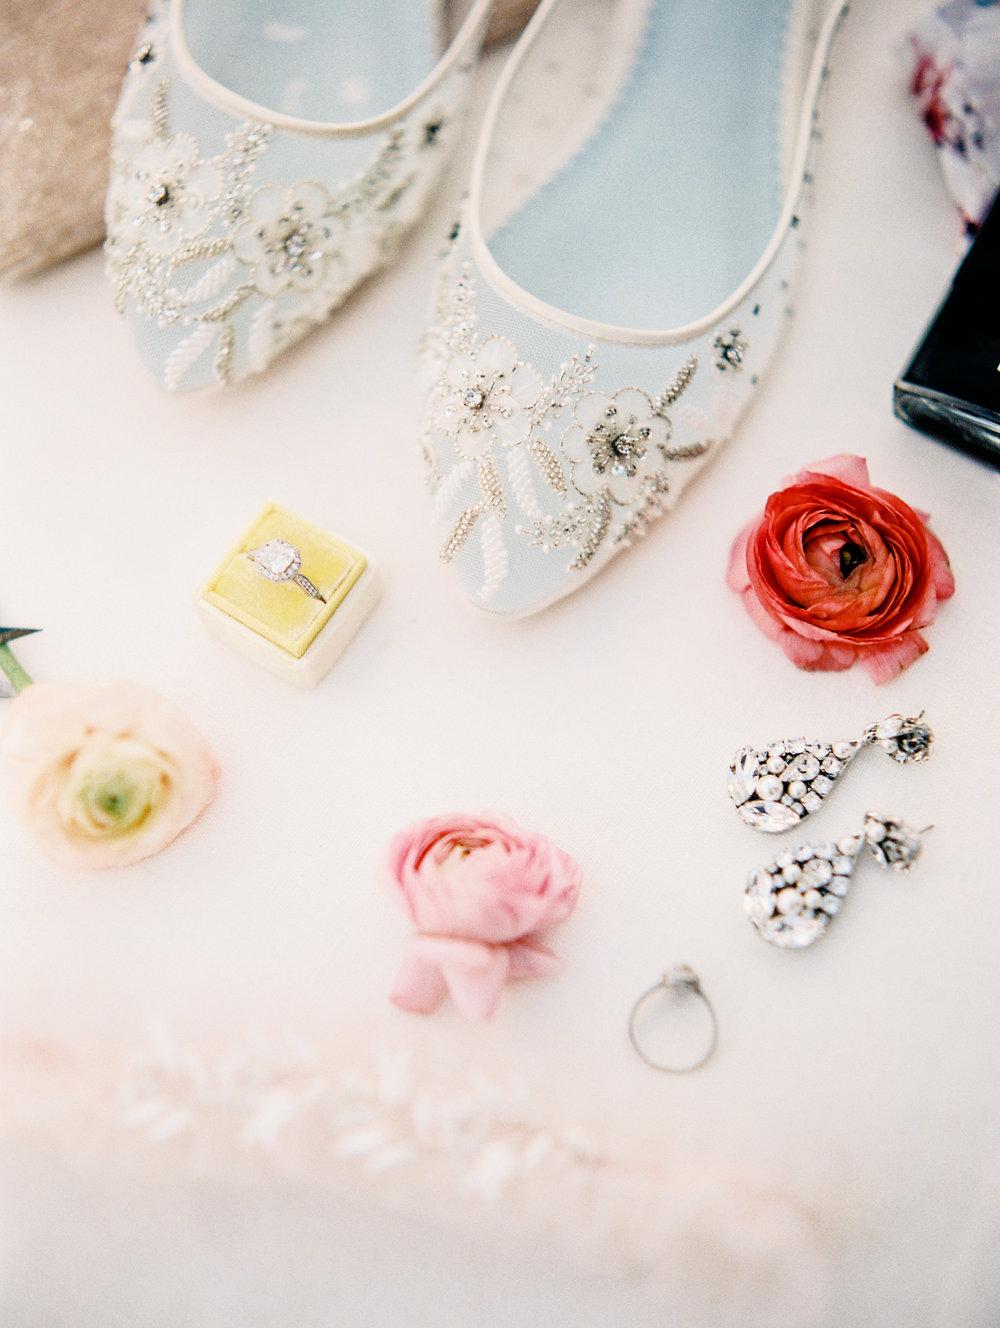 Govathoti+Wedding+Details-64.jpg